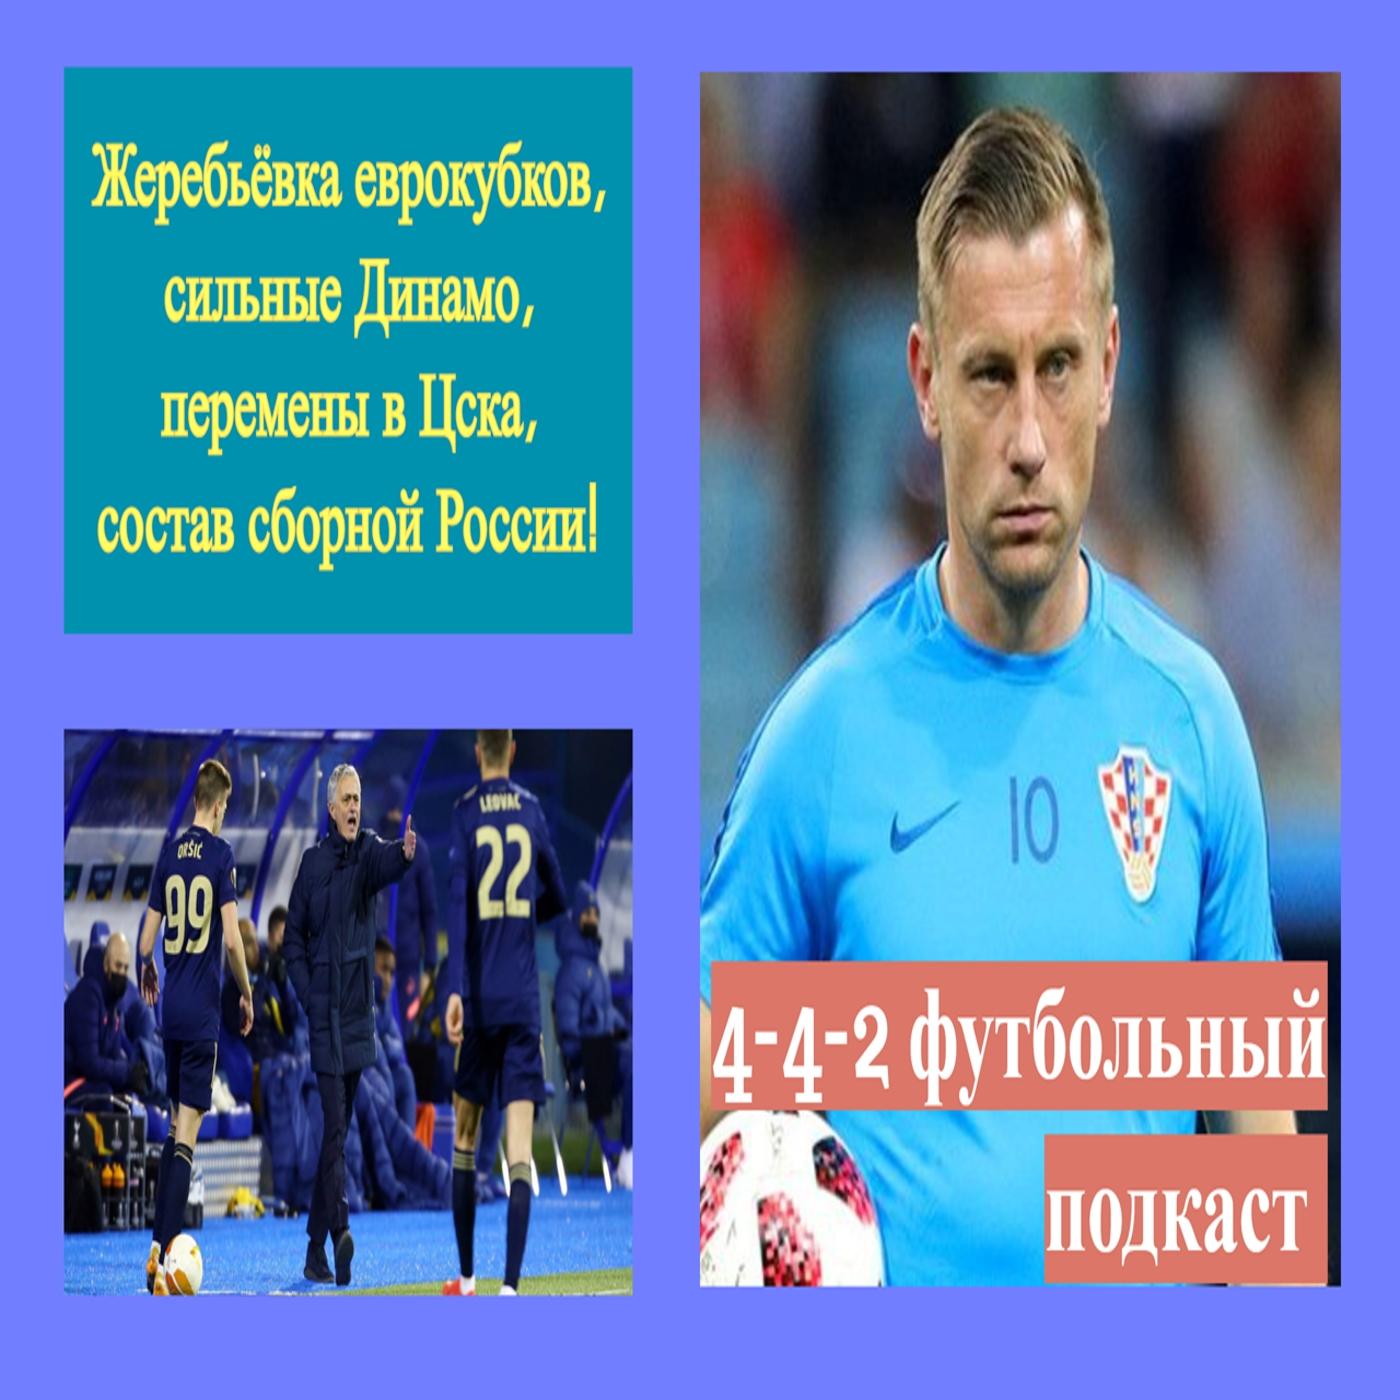 Жеребьёвка еврокубков, сильные Динамо, перемены в Цска, состав сборной России!